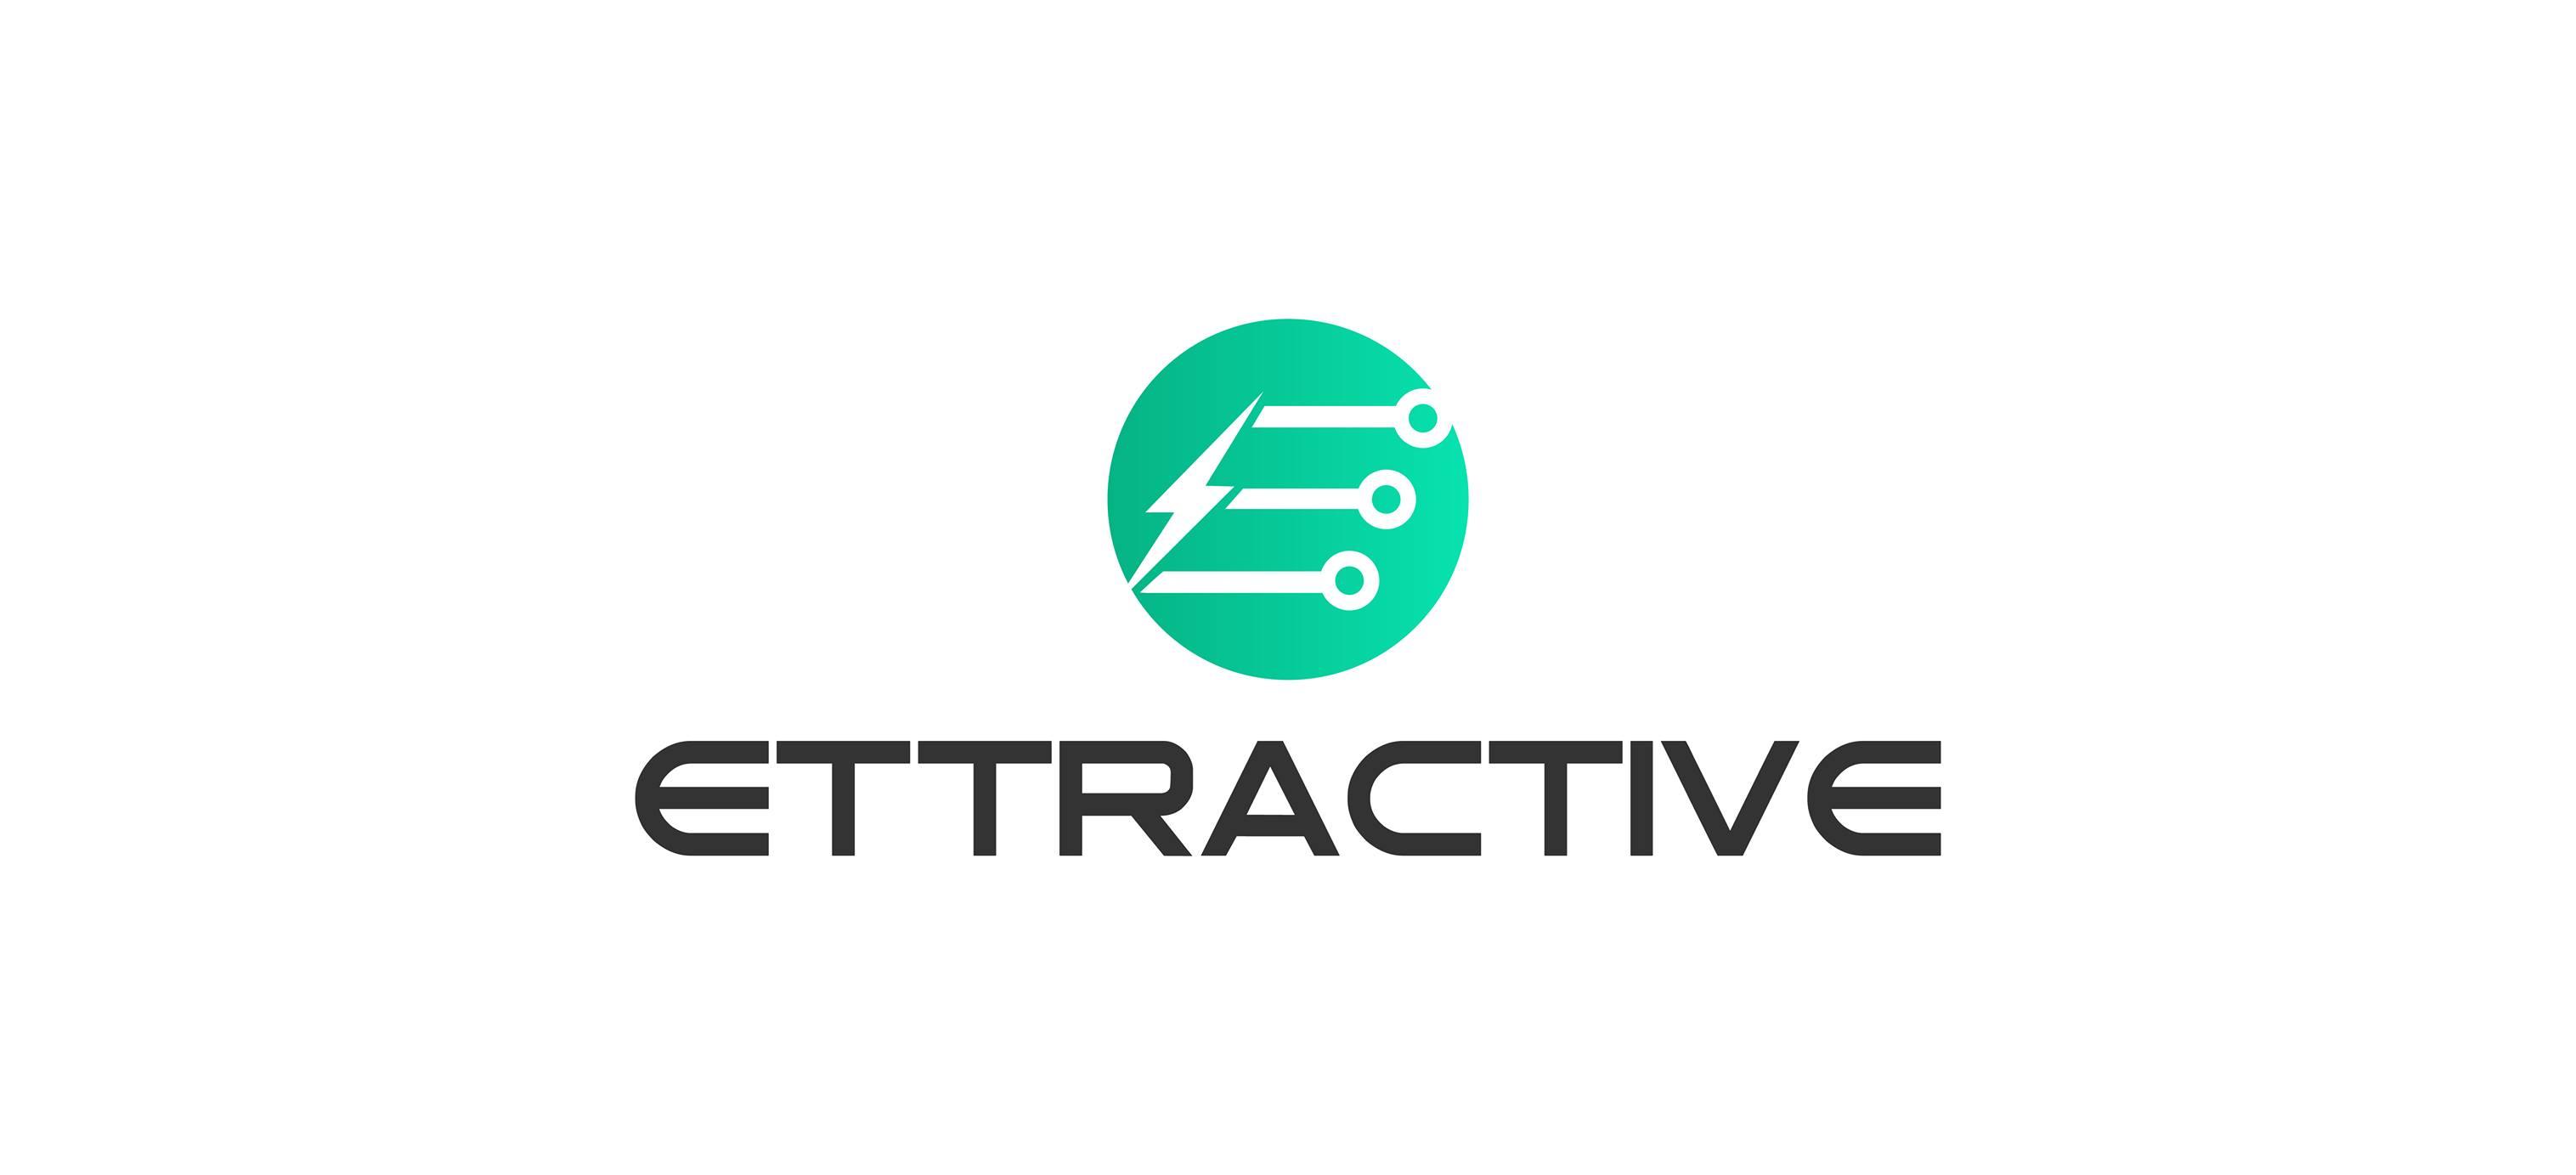 Ettractive